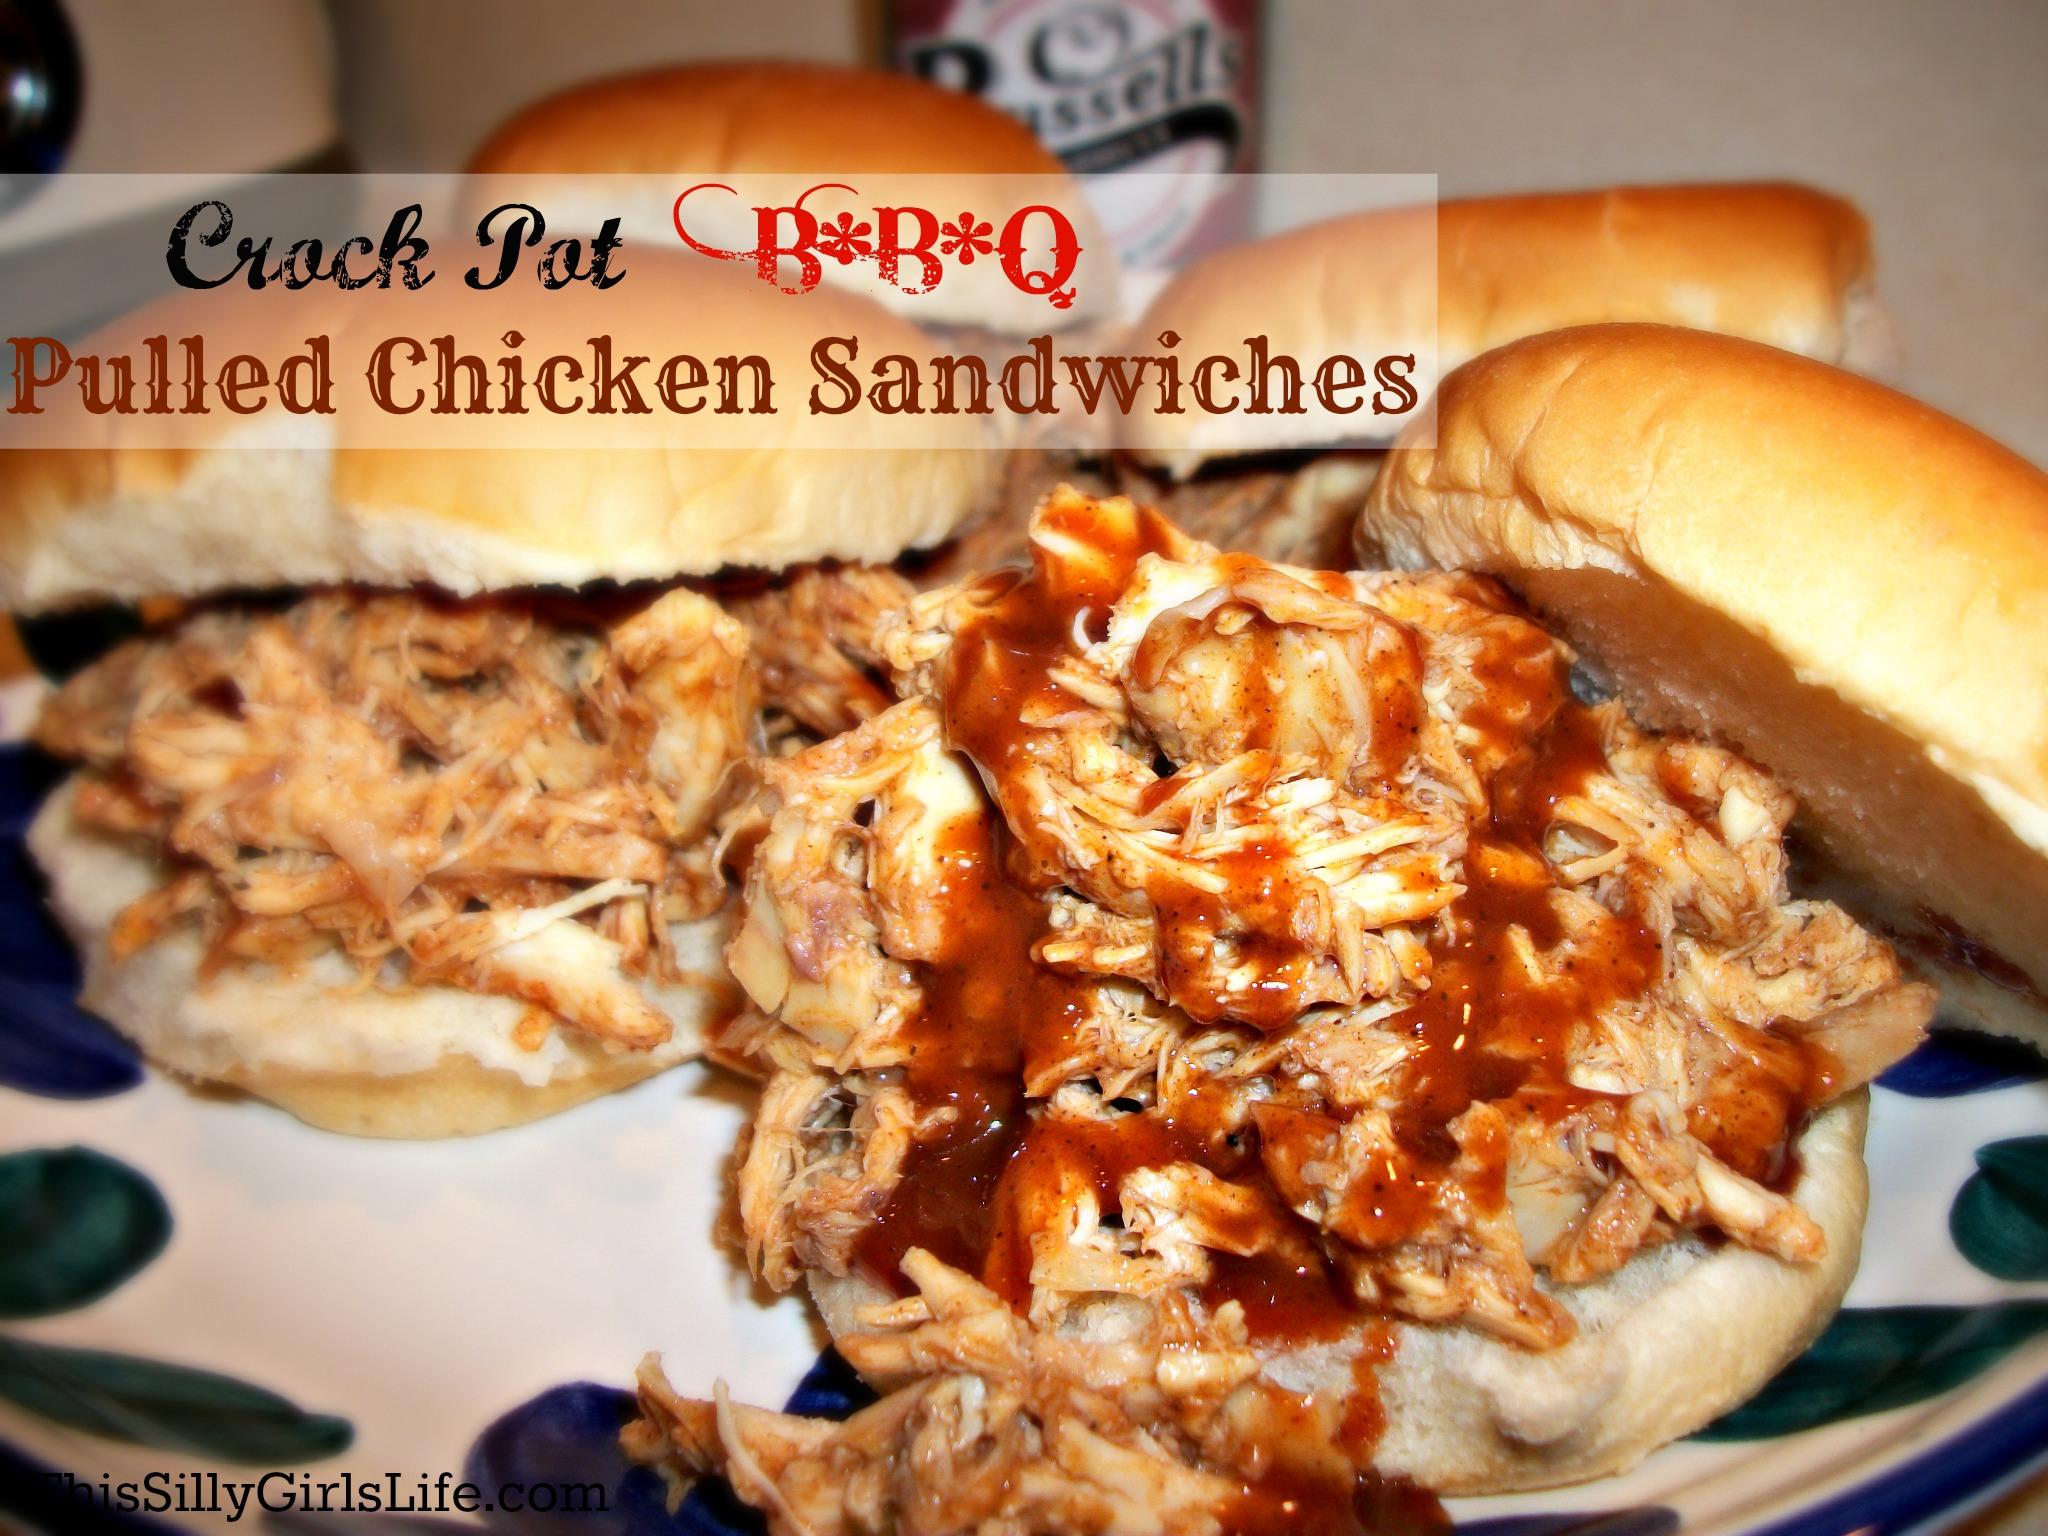 Crock Pot BBQ Pulled Chicken Sandwiches